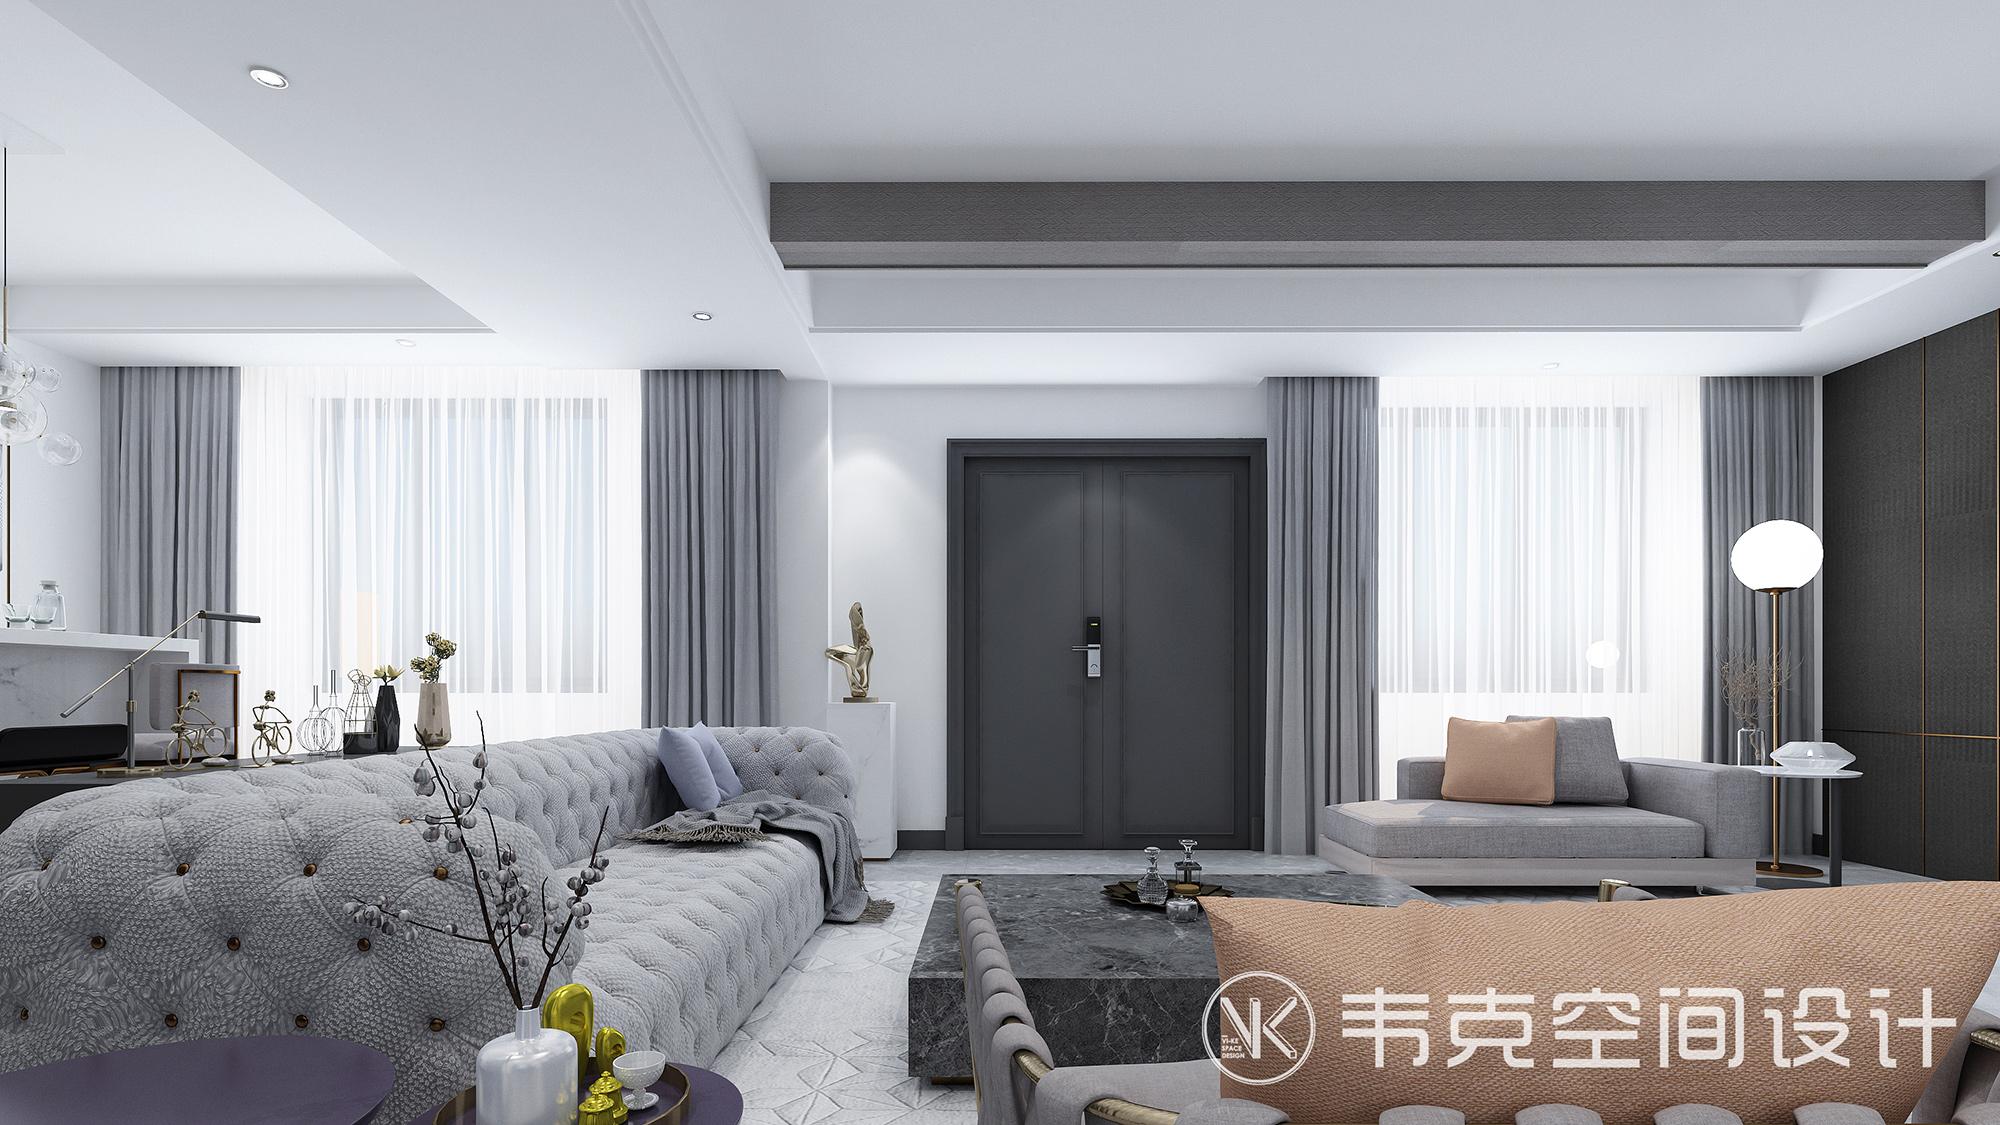 别墅 轻奢 6室 客厅图片来自韦克空间设计在380㎡轻奢6居室:尽显优雅轻奢范的分享